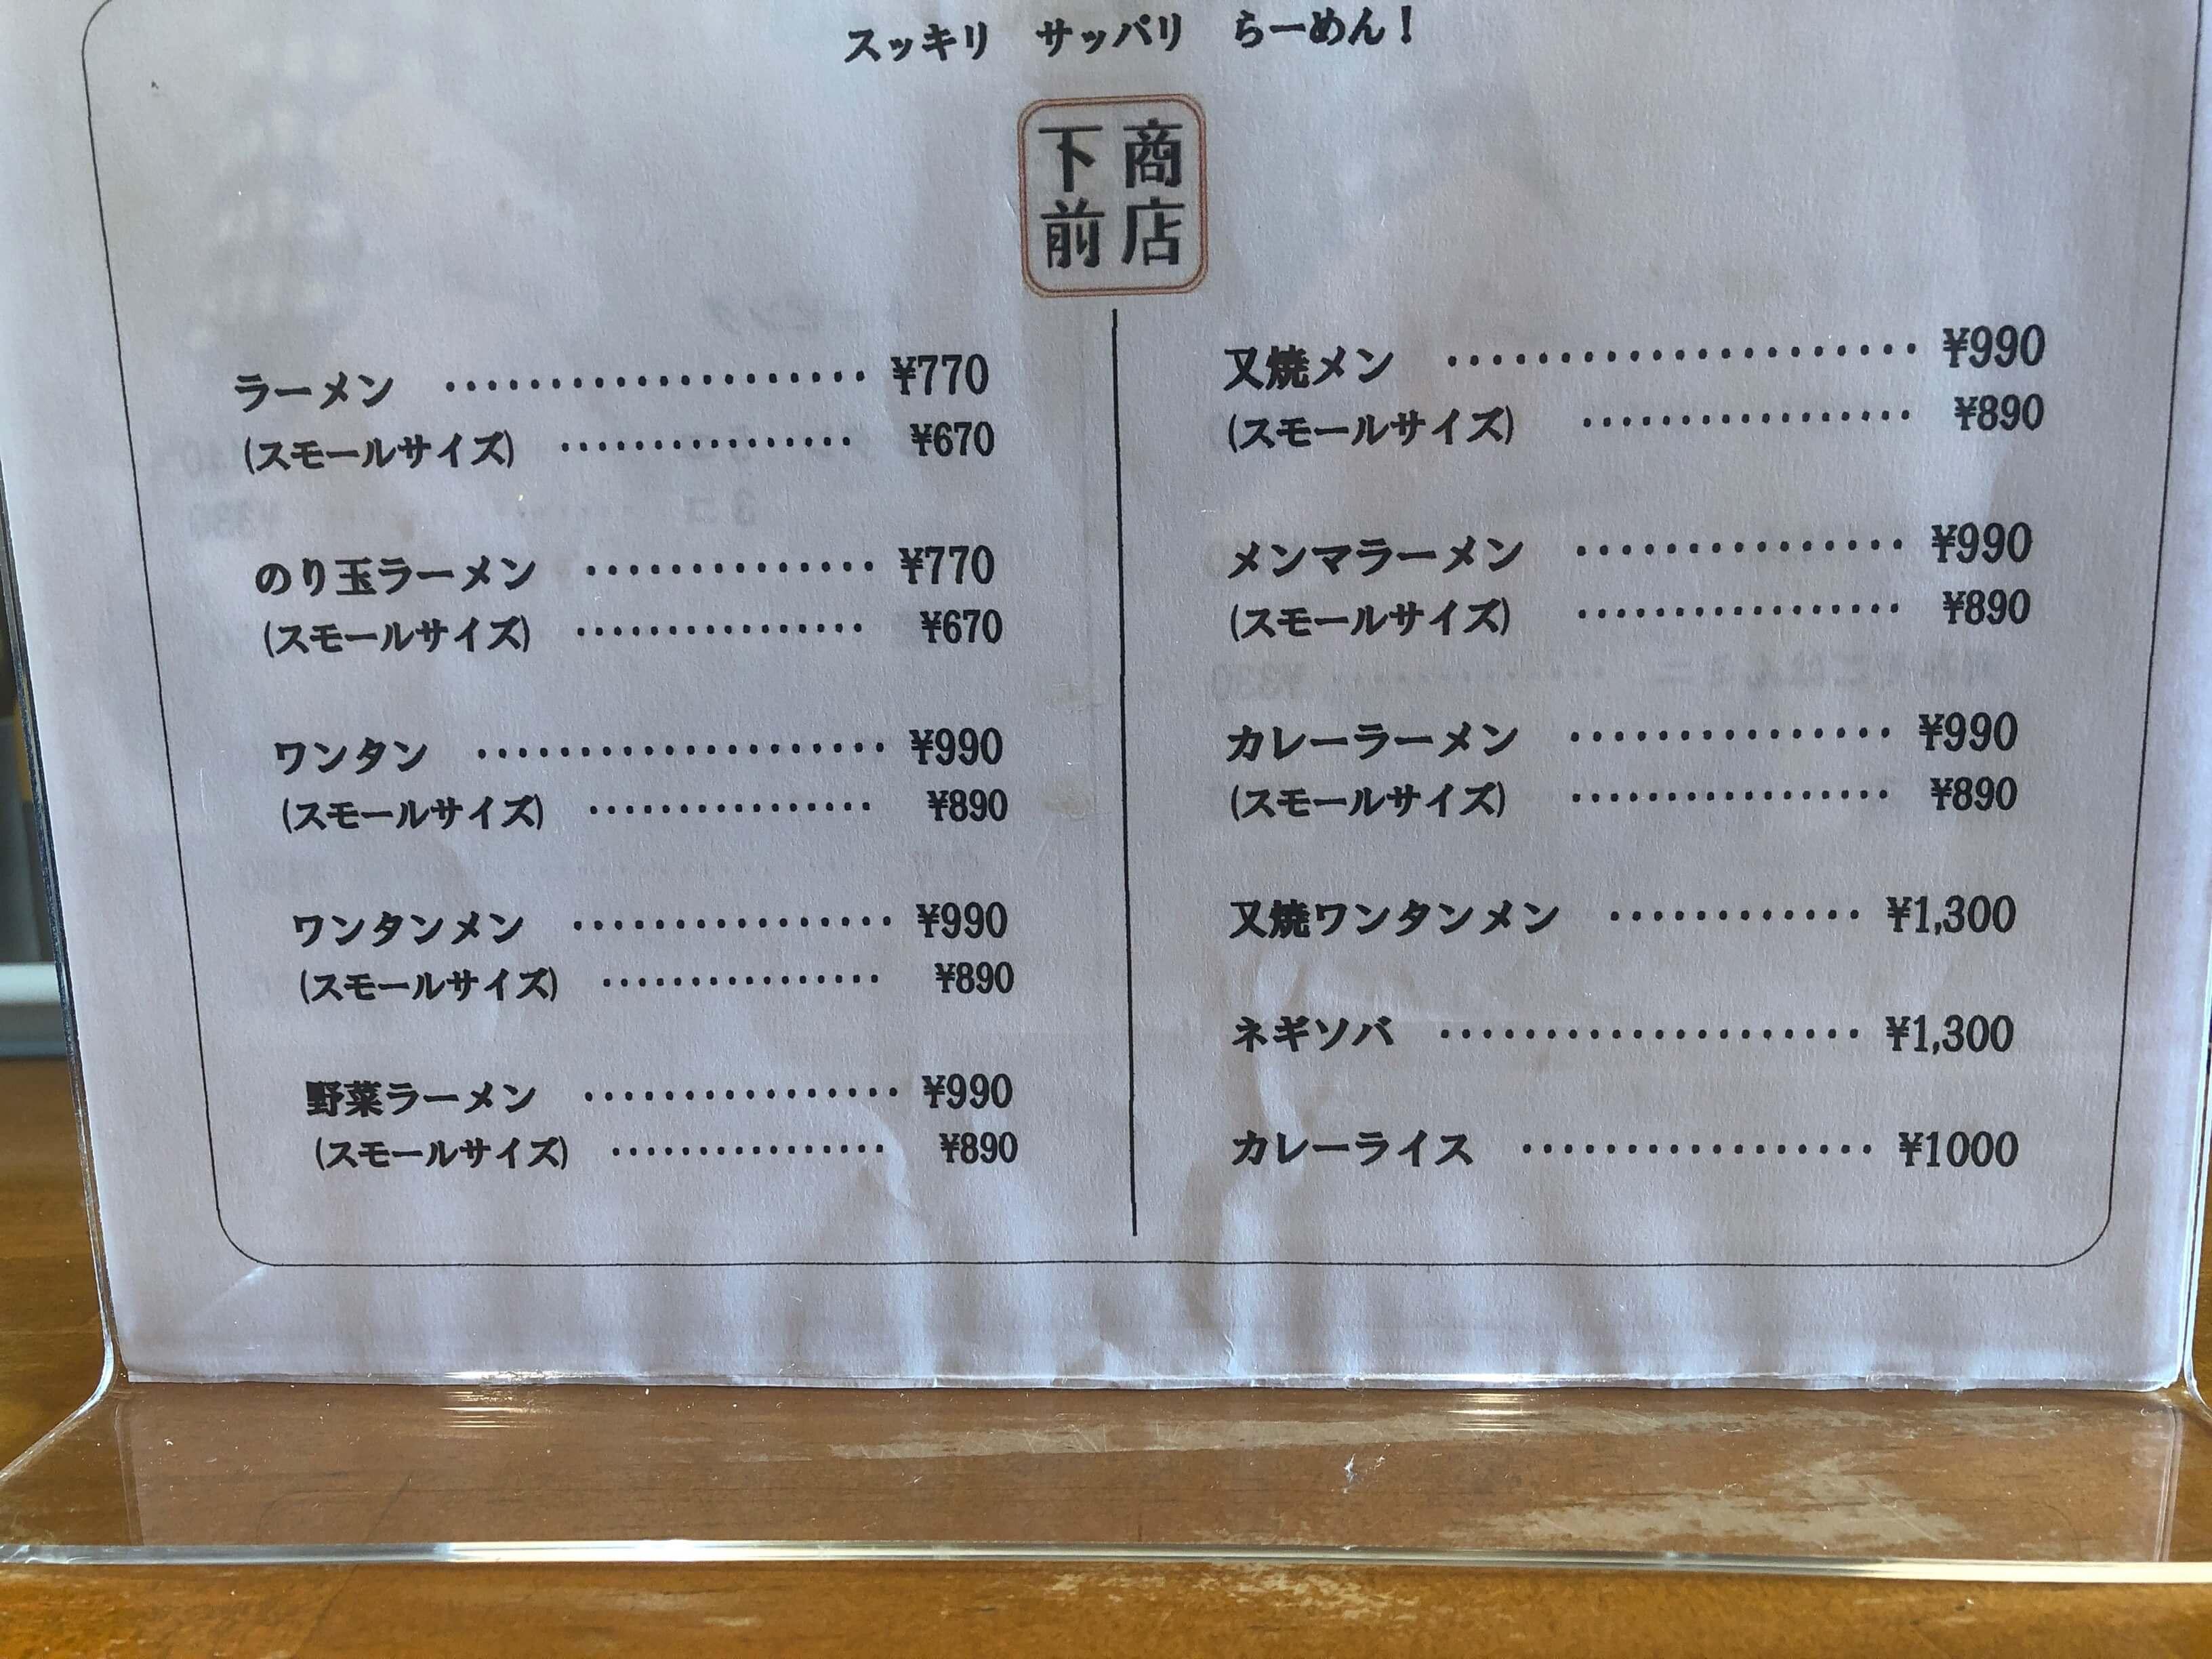 下前商店 メニュー 2019.10.23